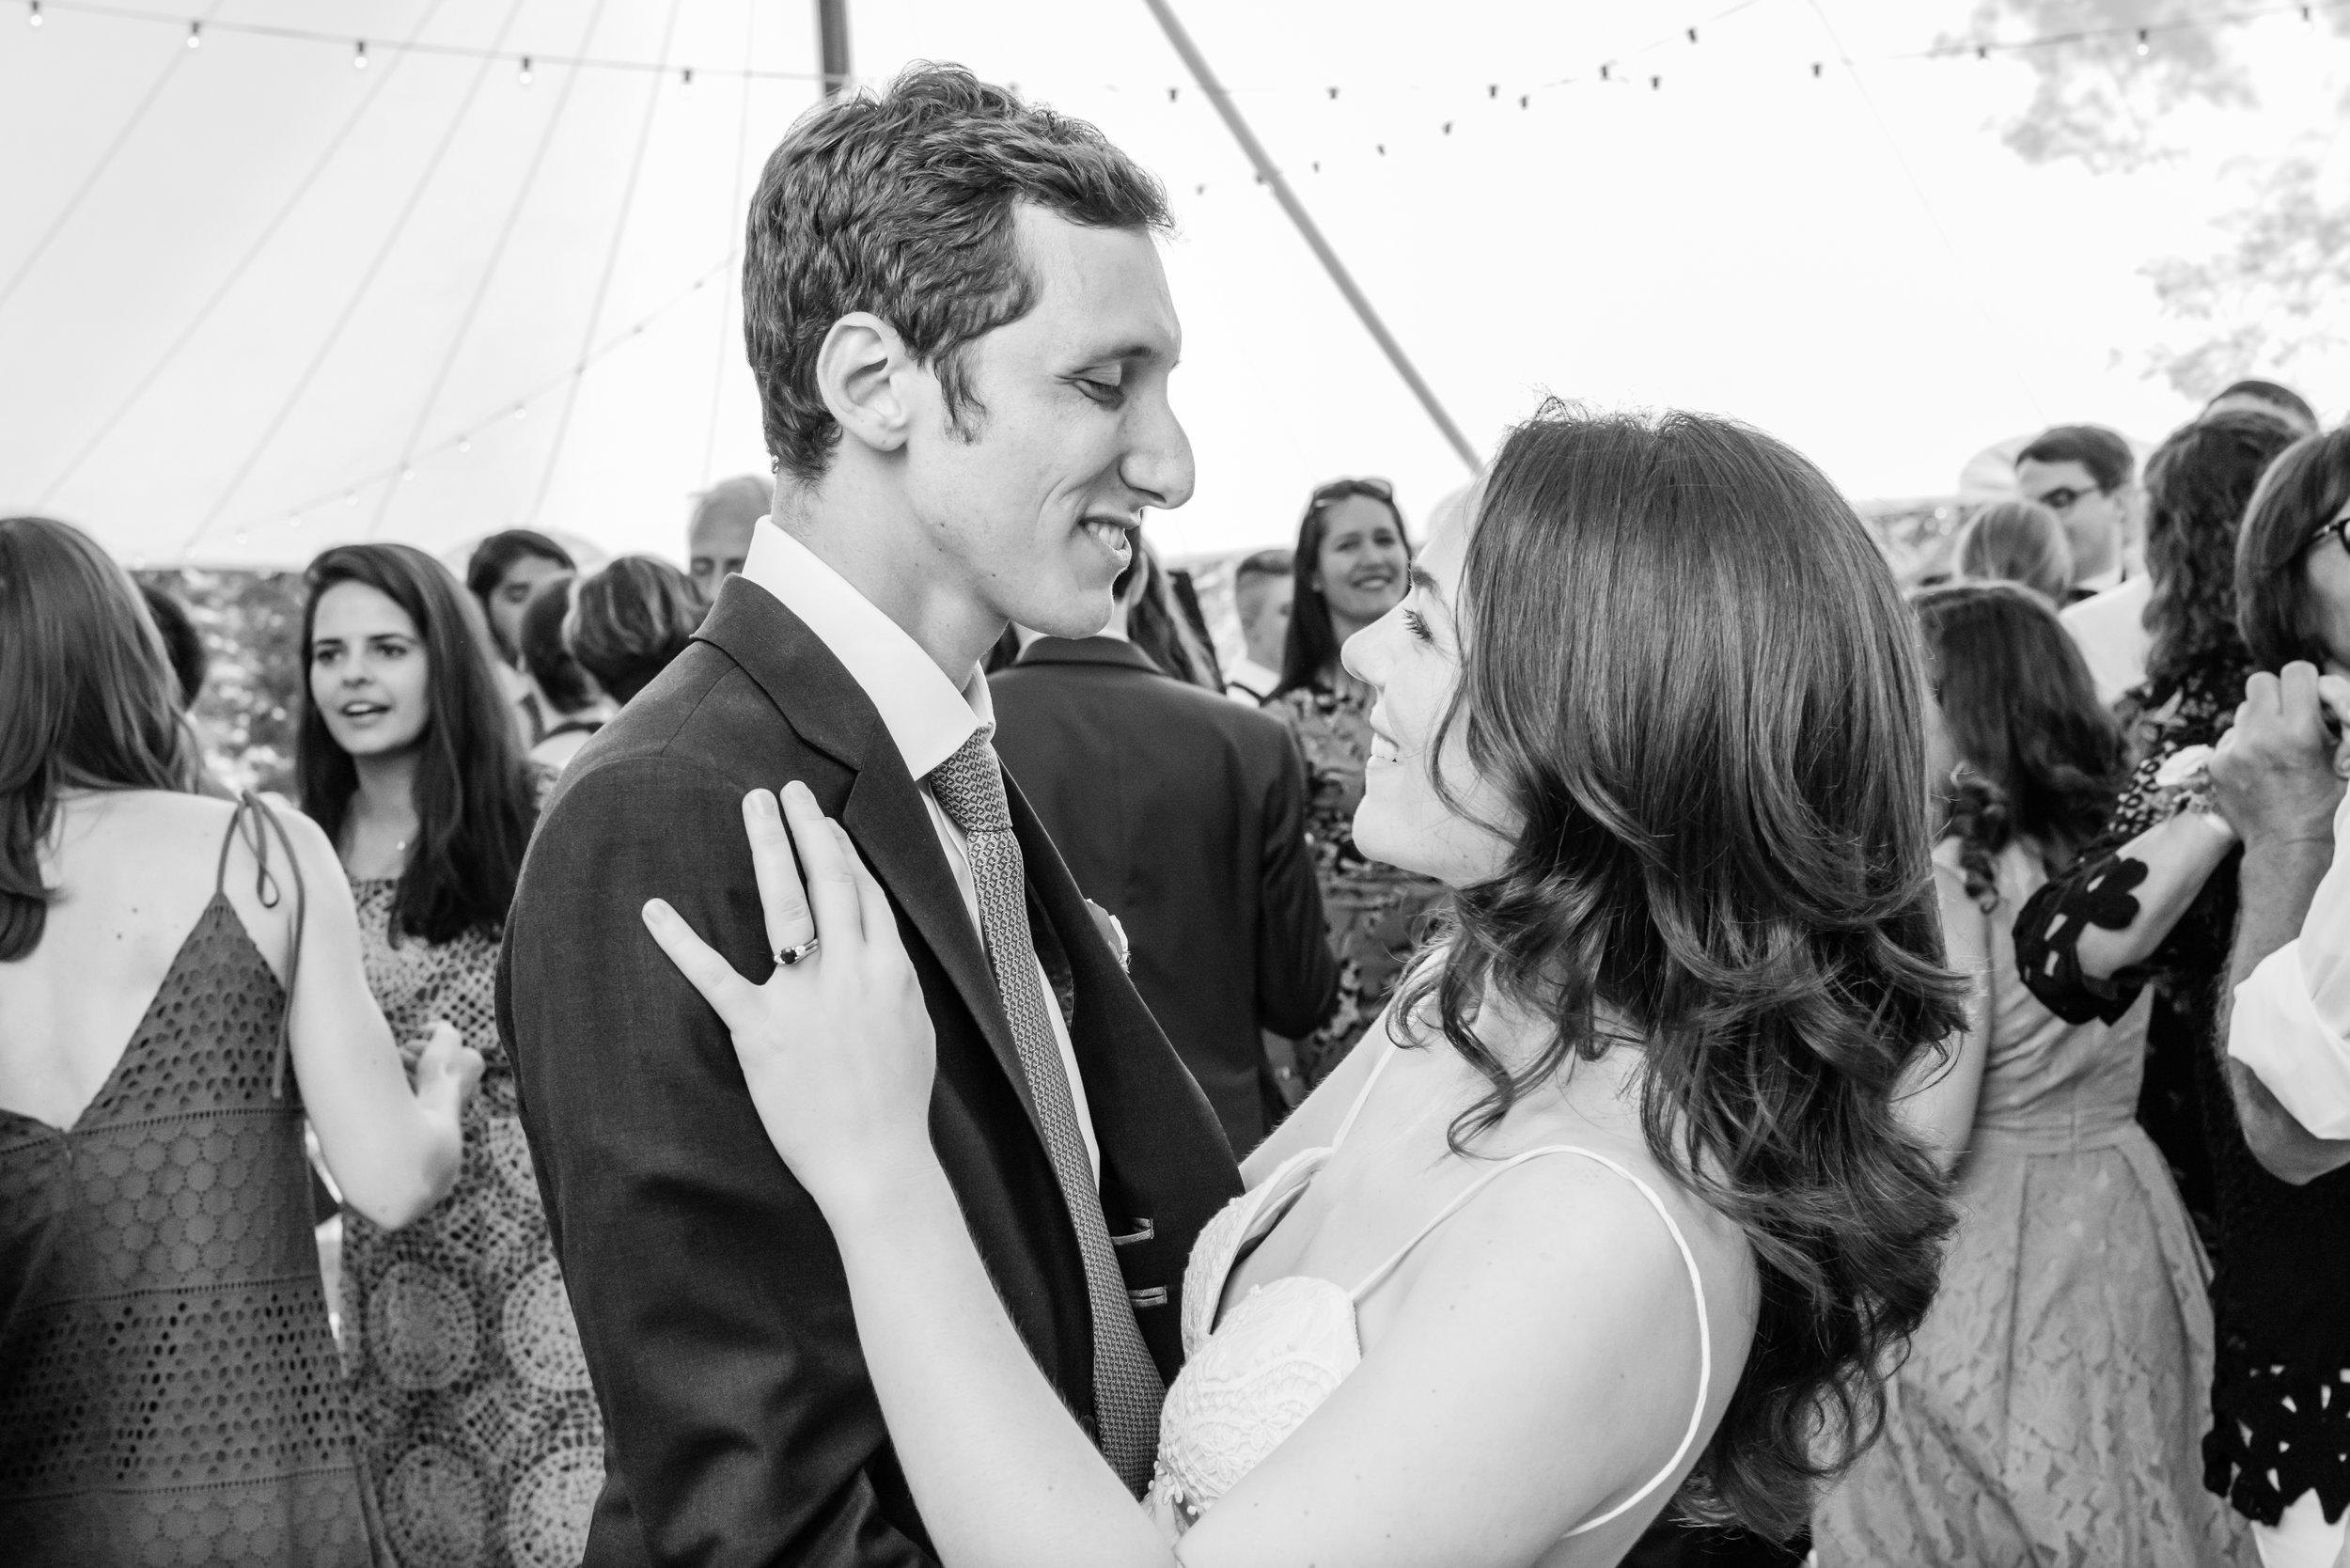 Stefy Hilmer Photograhy- bride and groom dancing.jpg